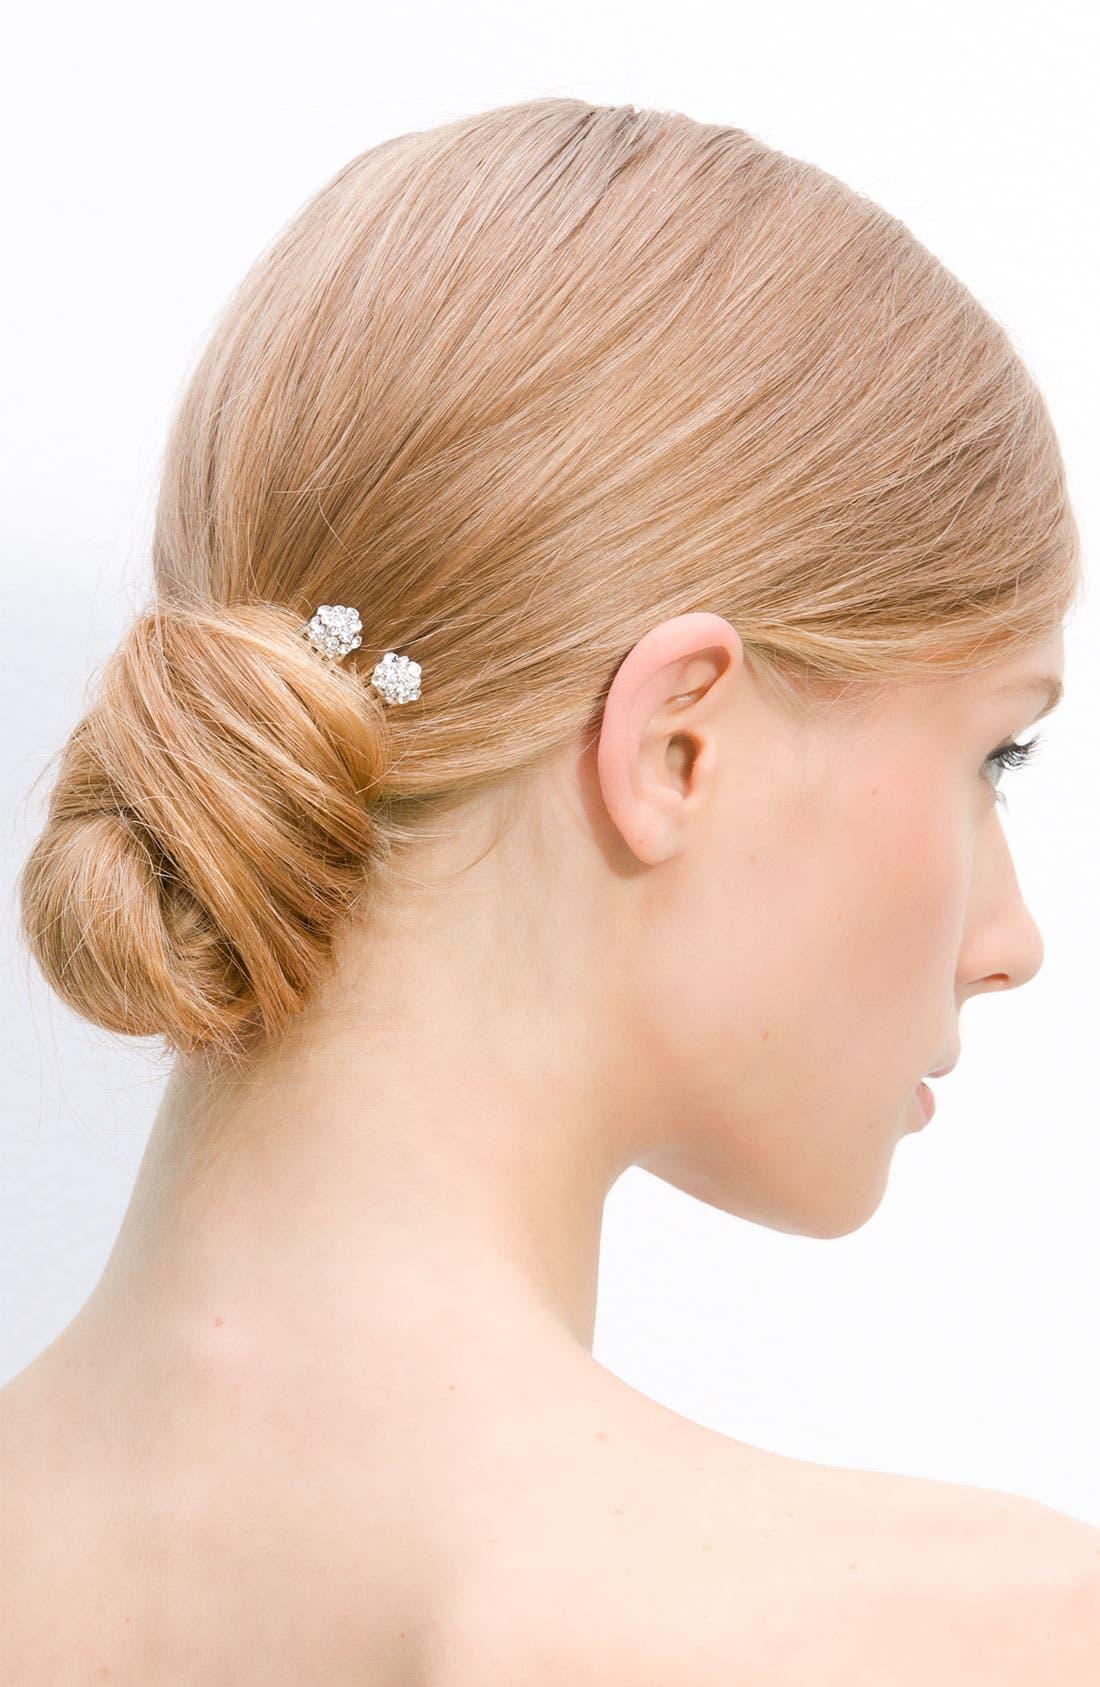 Alternate Image 1 Selected - Tasha Crystal Hair Picks (Set of 2)